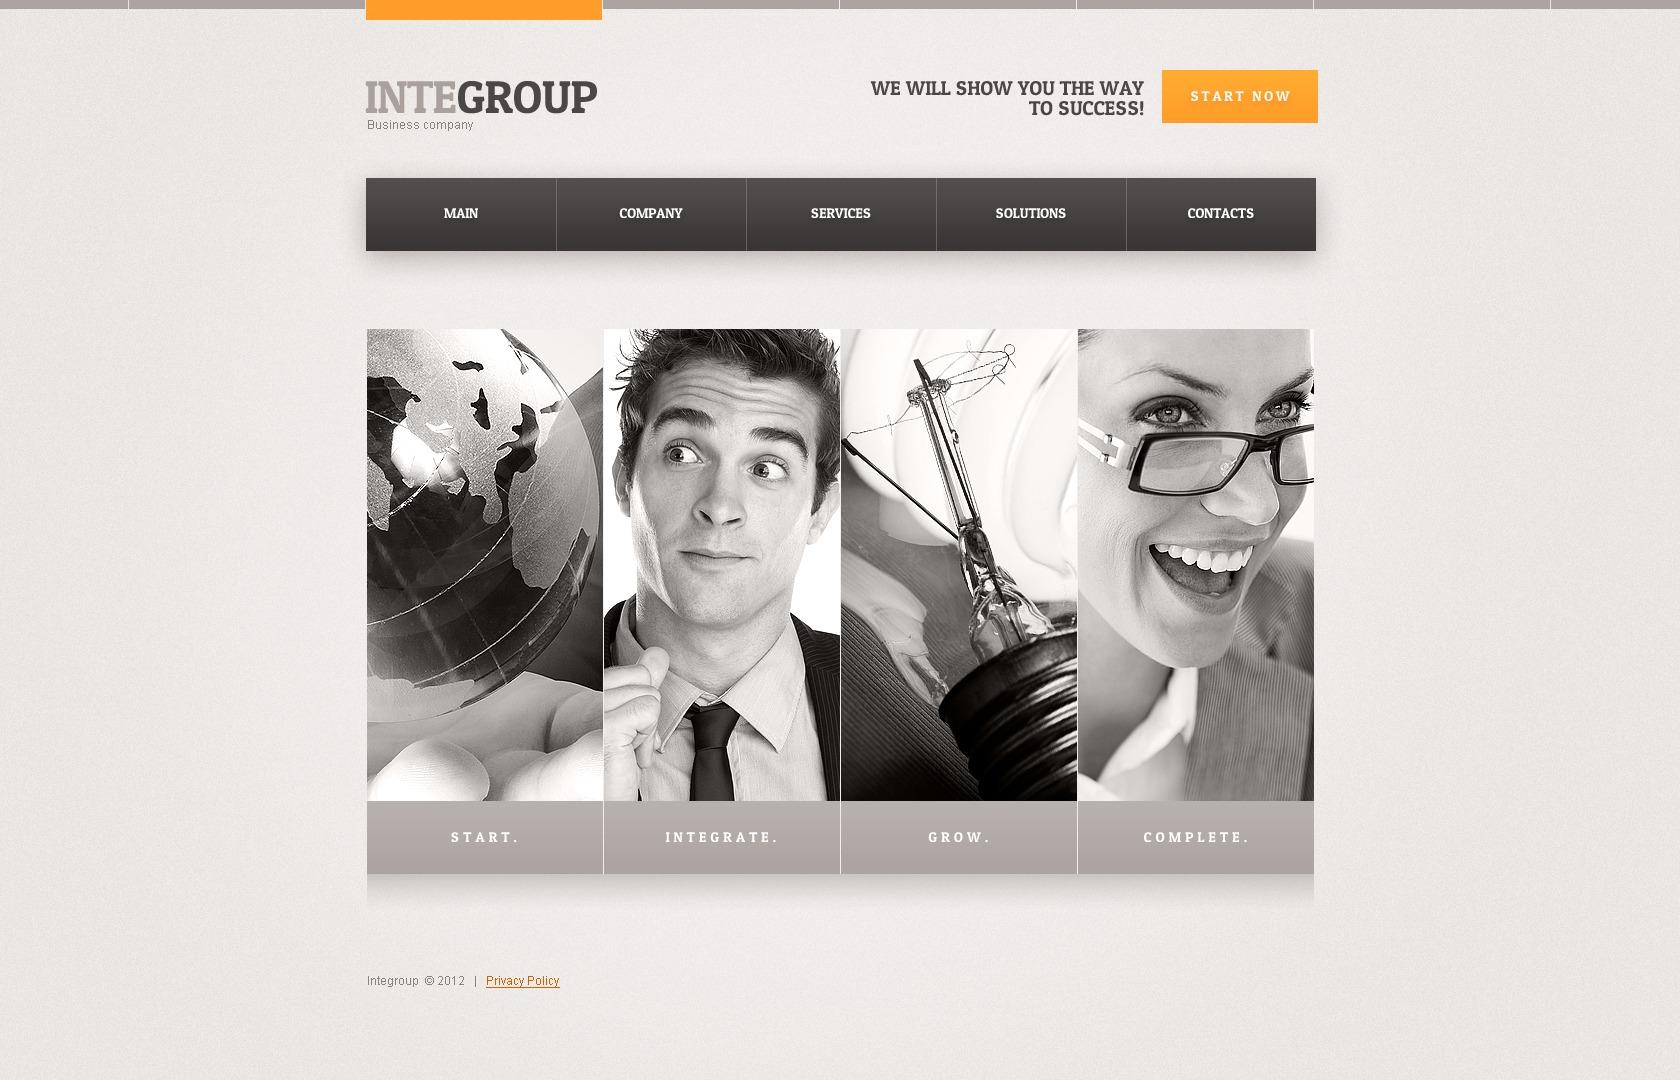 Создания сайтов html5 управляющая компания жилфонд томск официальный сайт